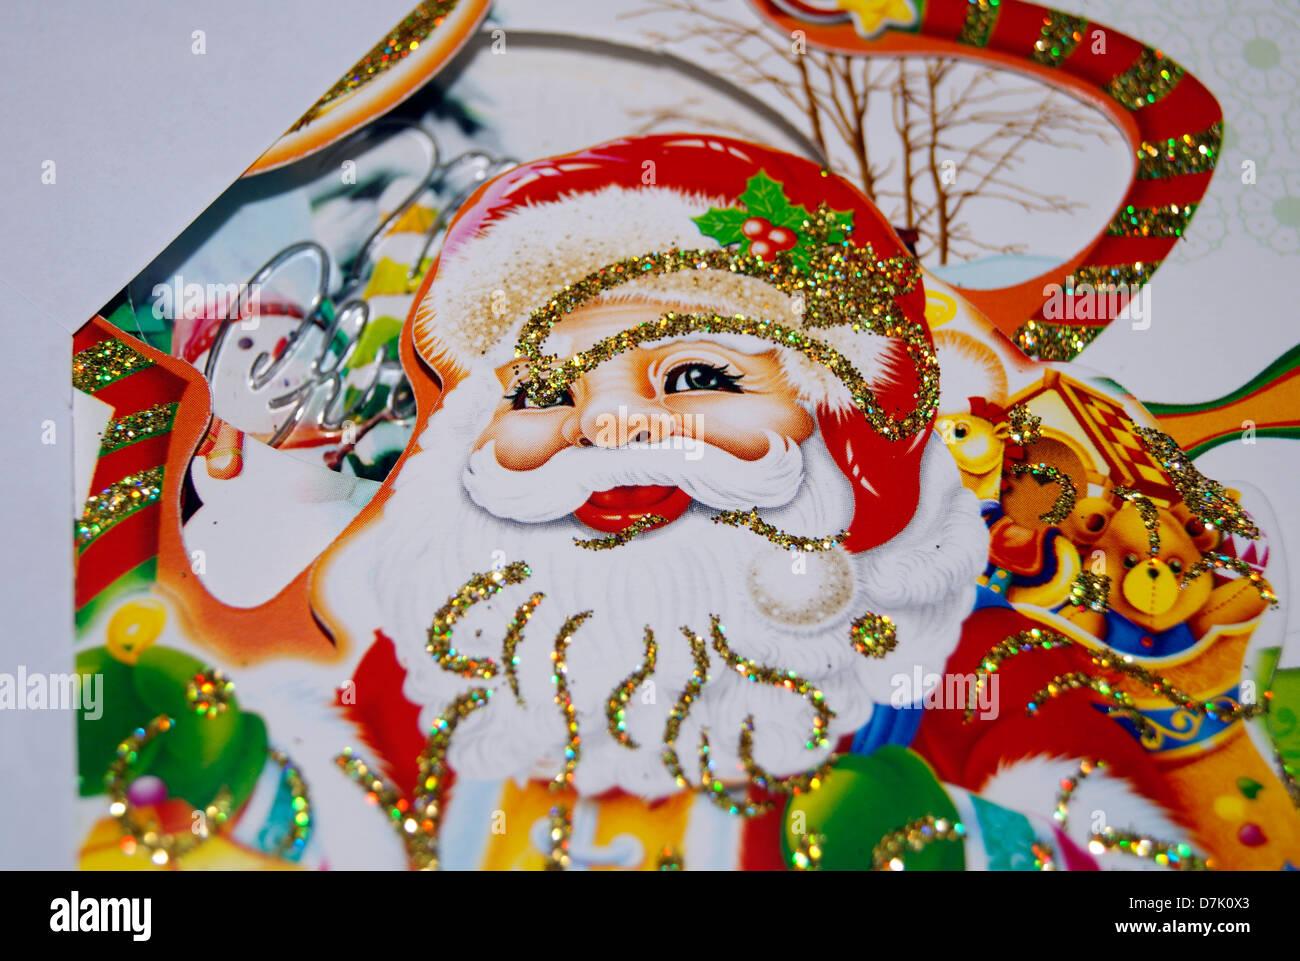 Santa Claus Smiling Face auf Weihnachten Grußkarte Stockfoto, Bild ...